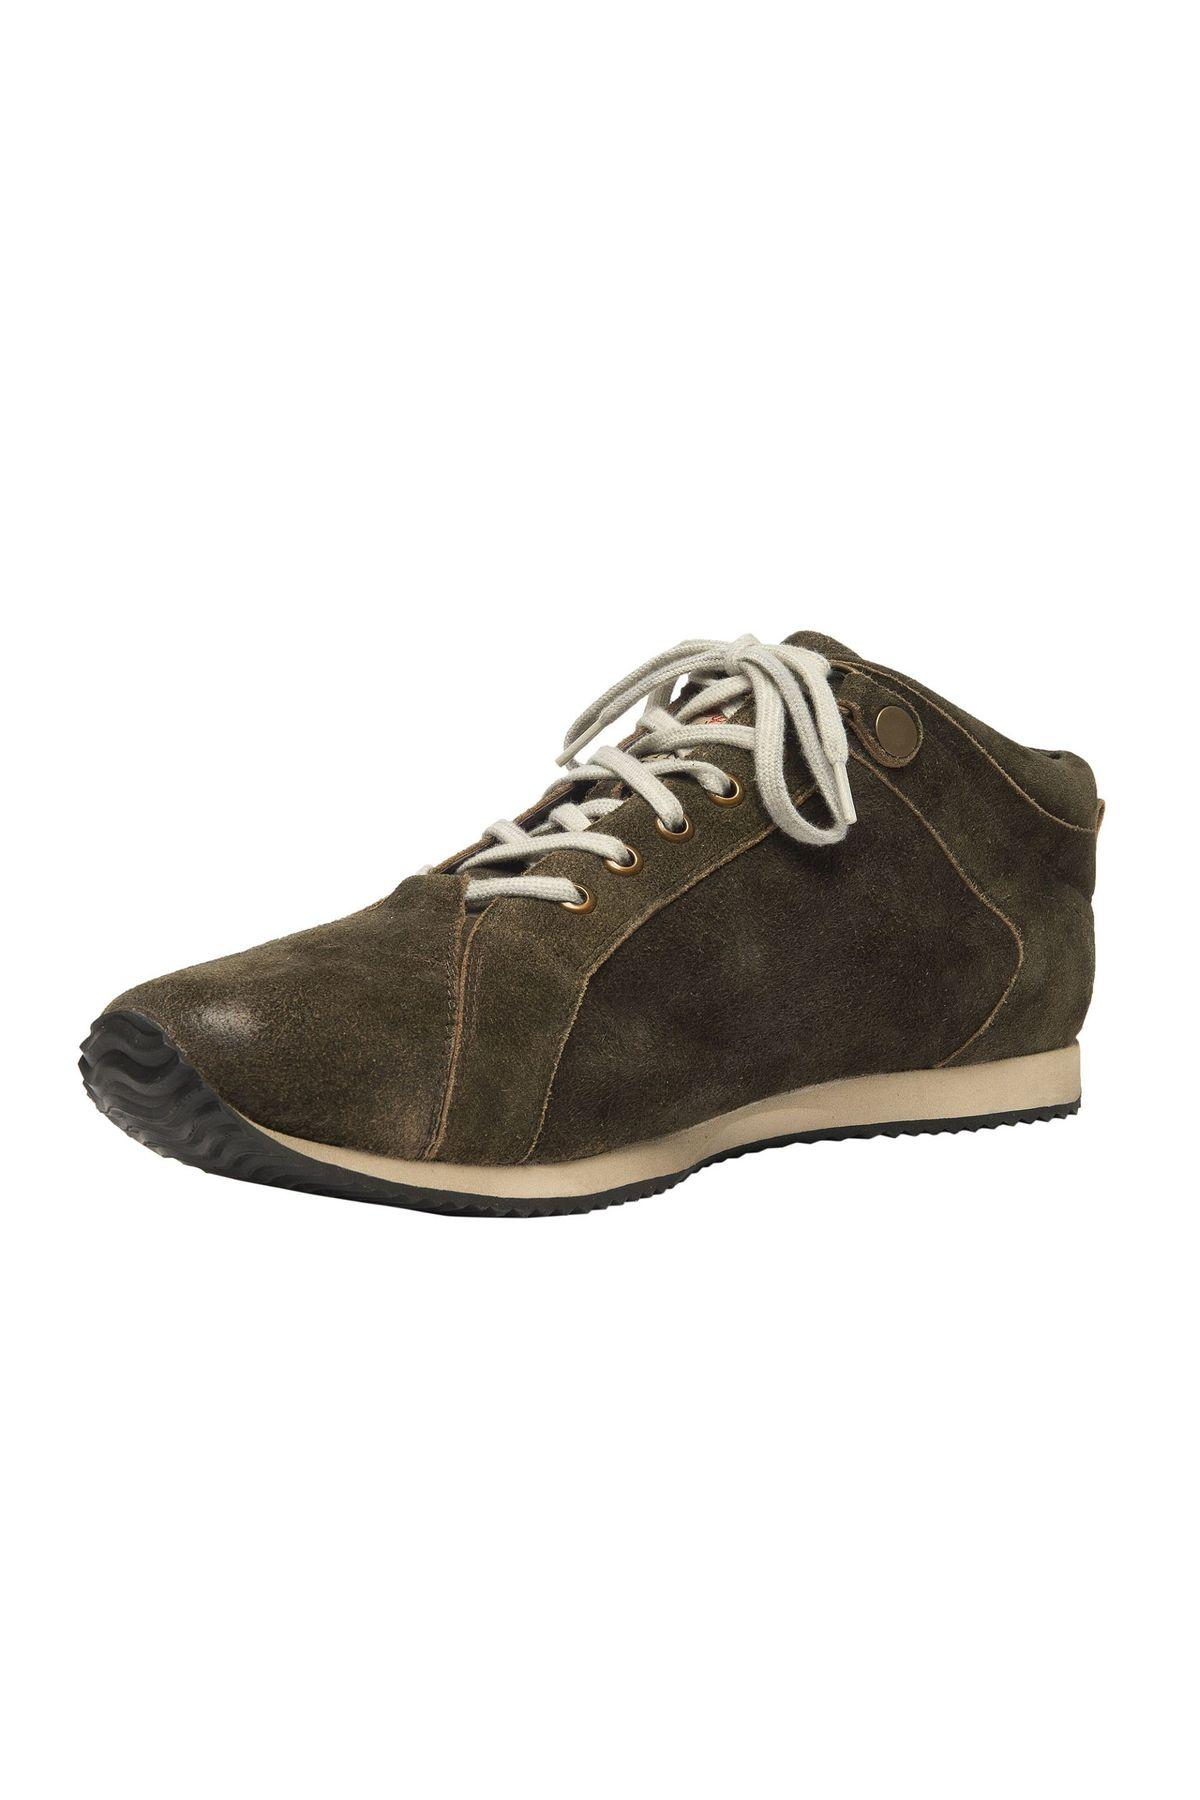 STOCKERPOINT - Herren Trachten Schuhe in Bison und Havanna, 1310 – Bild 9